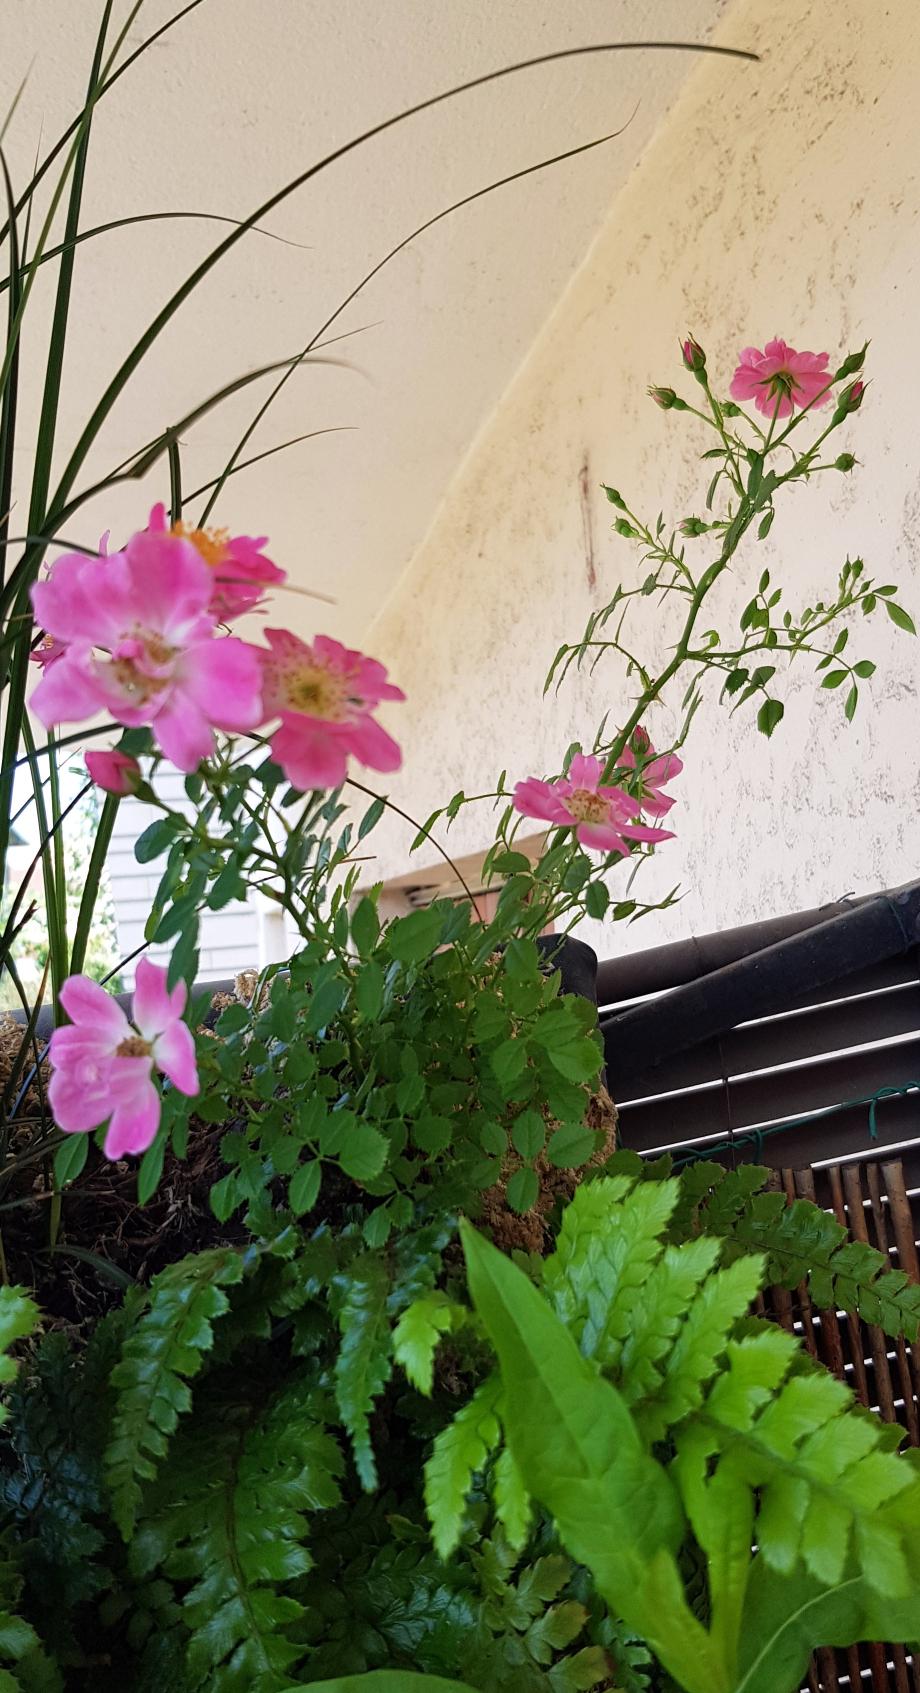 Rosier Eglantia pink pins Intropi 3 juin 18.jpg